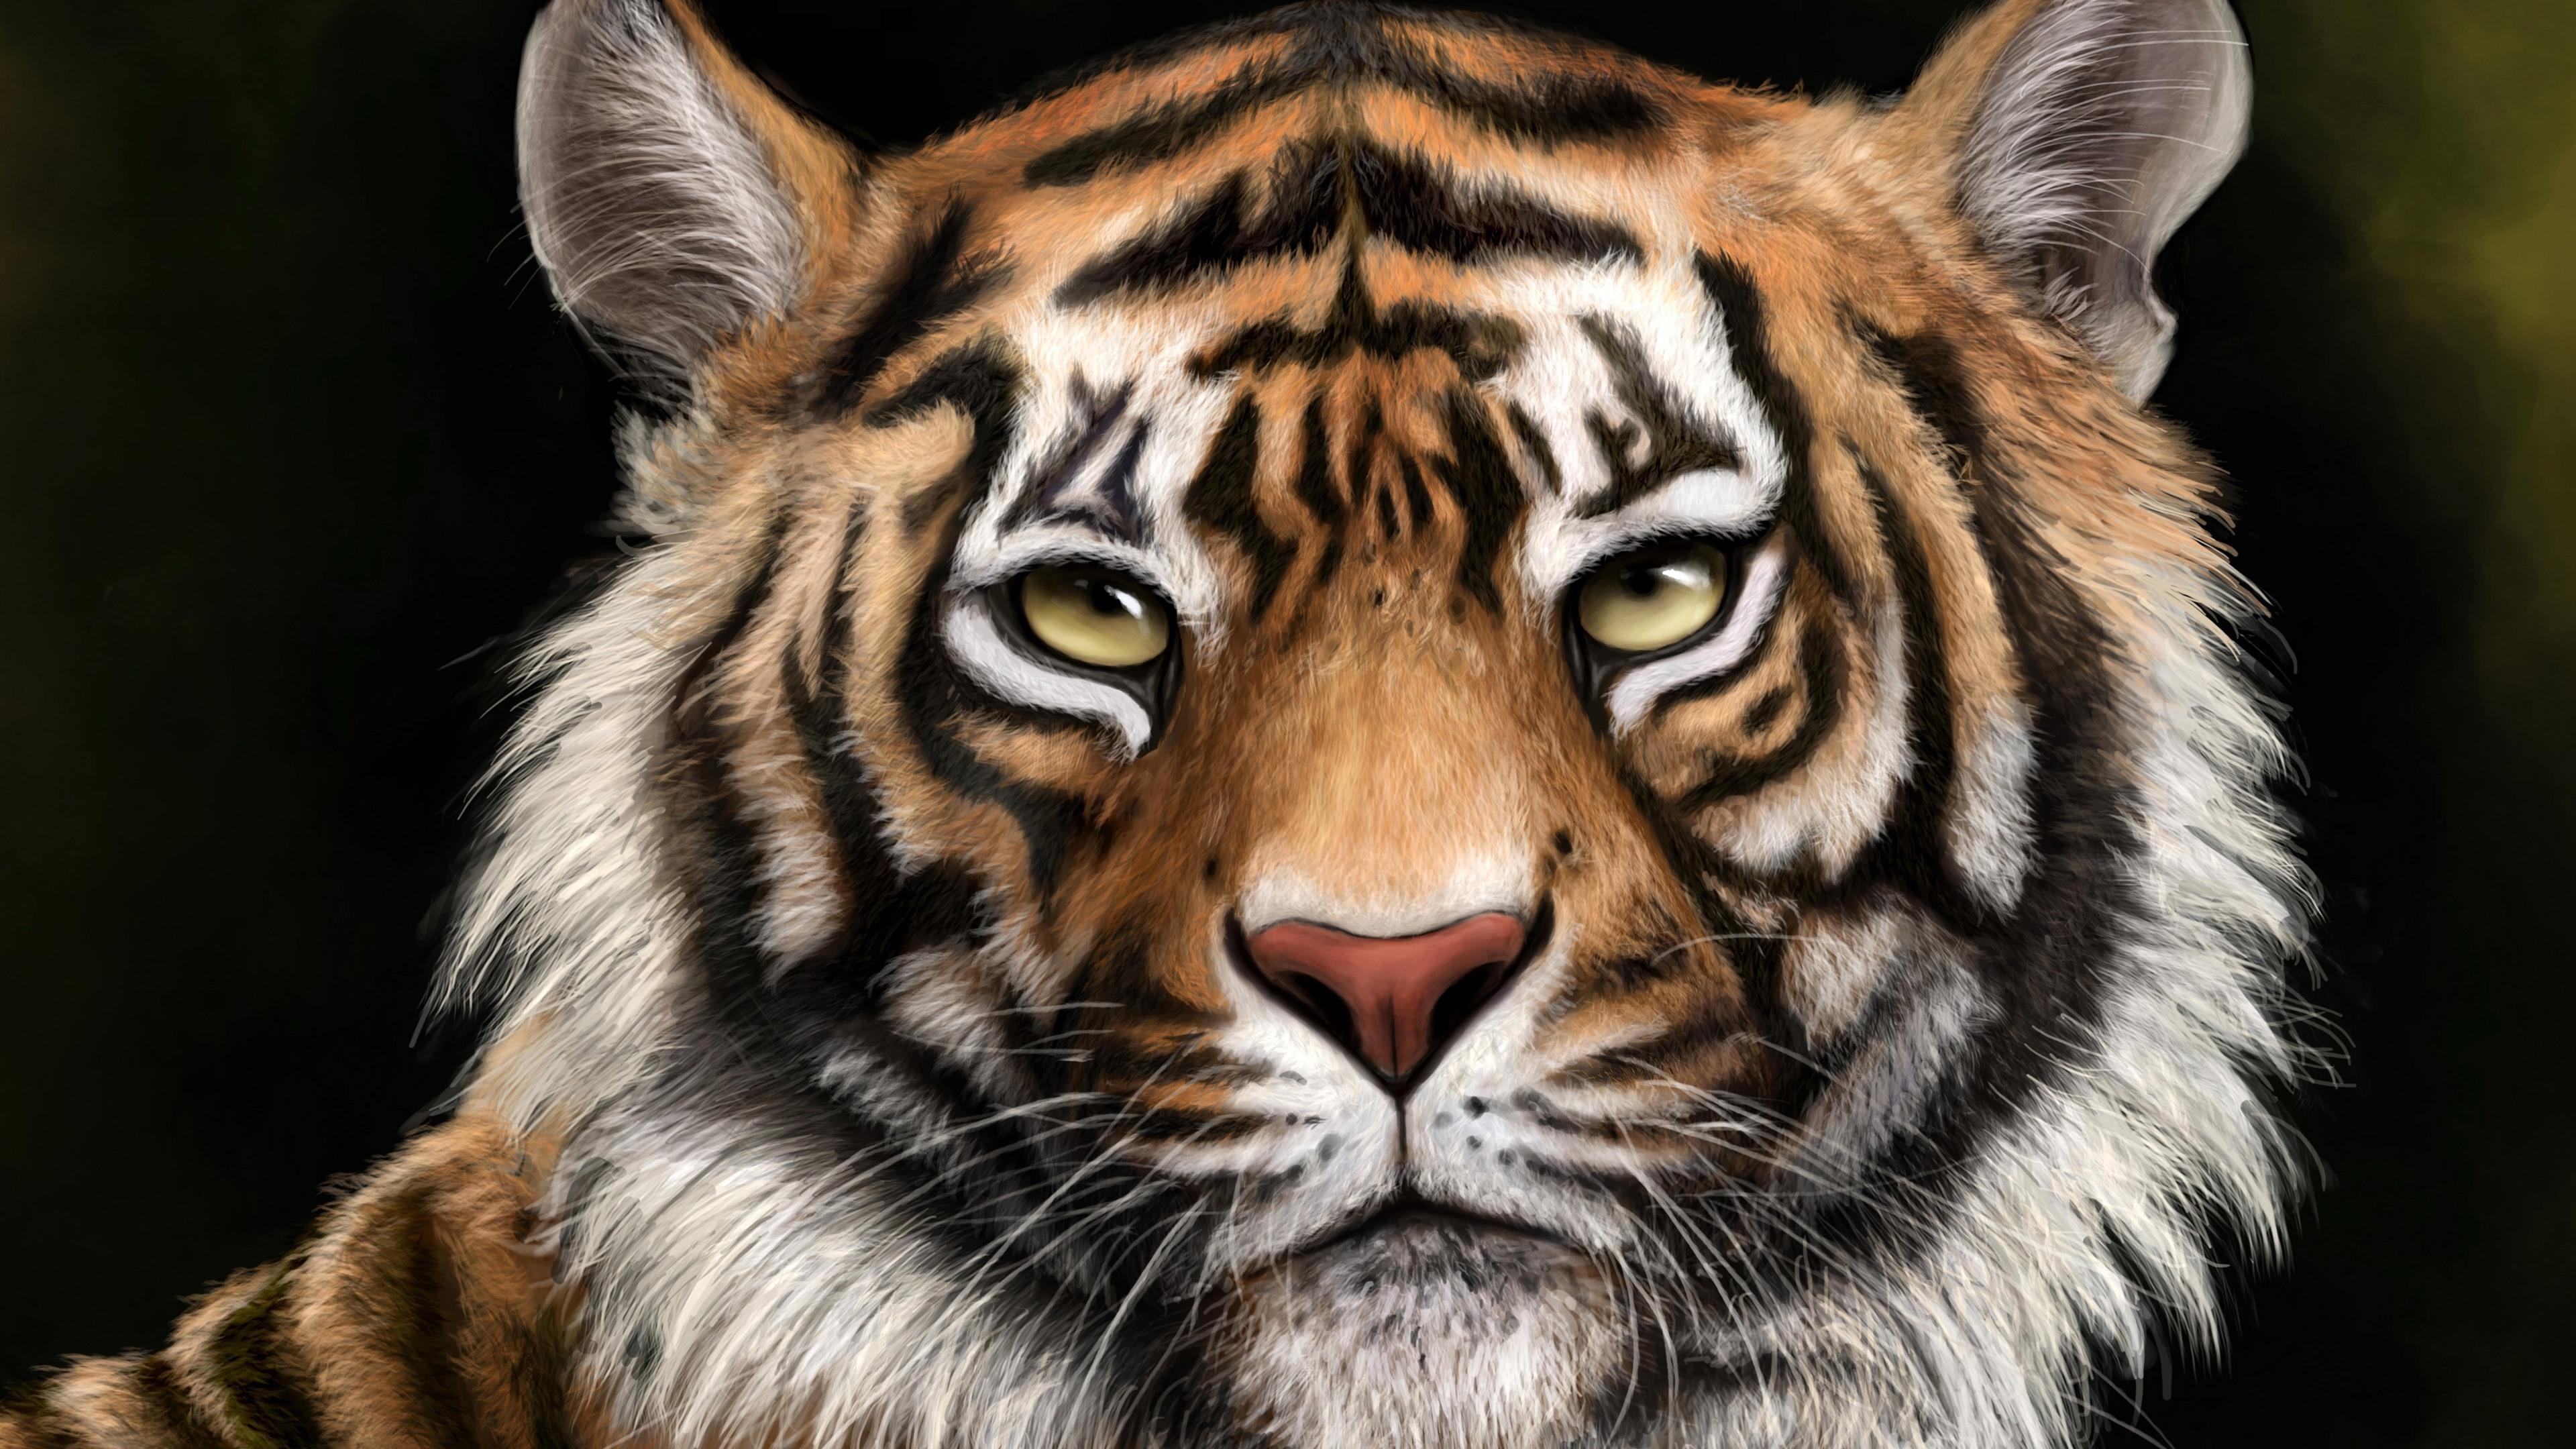 Wallpaper Tiger, face, eyes, look, animal 3840x2160 UHD 4K